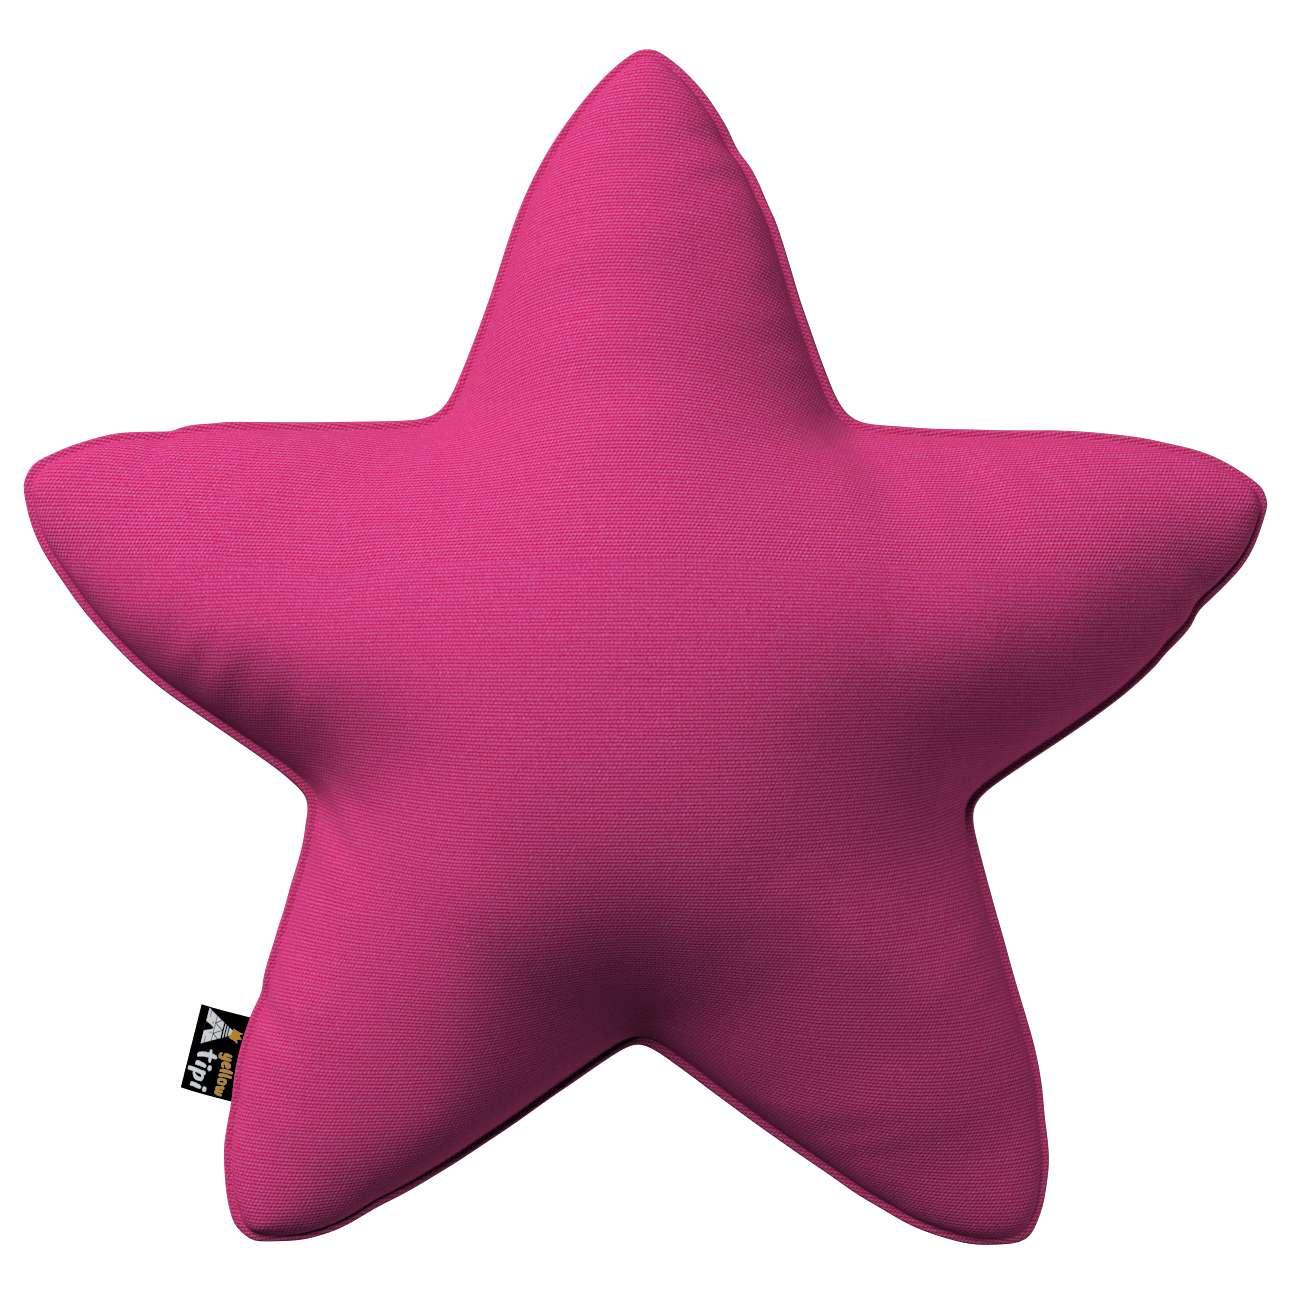 Lucky Star pagalvėlė kolekcijoje Happiness, audinys: 133-60